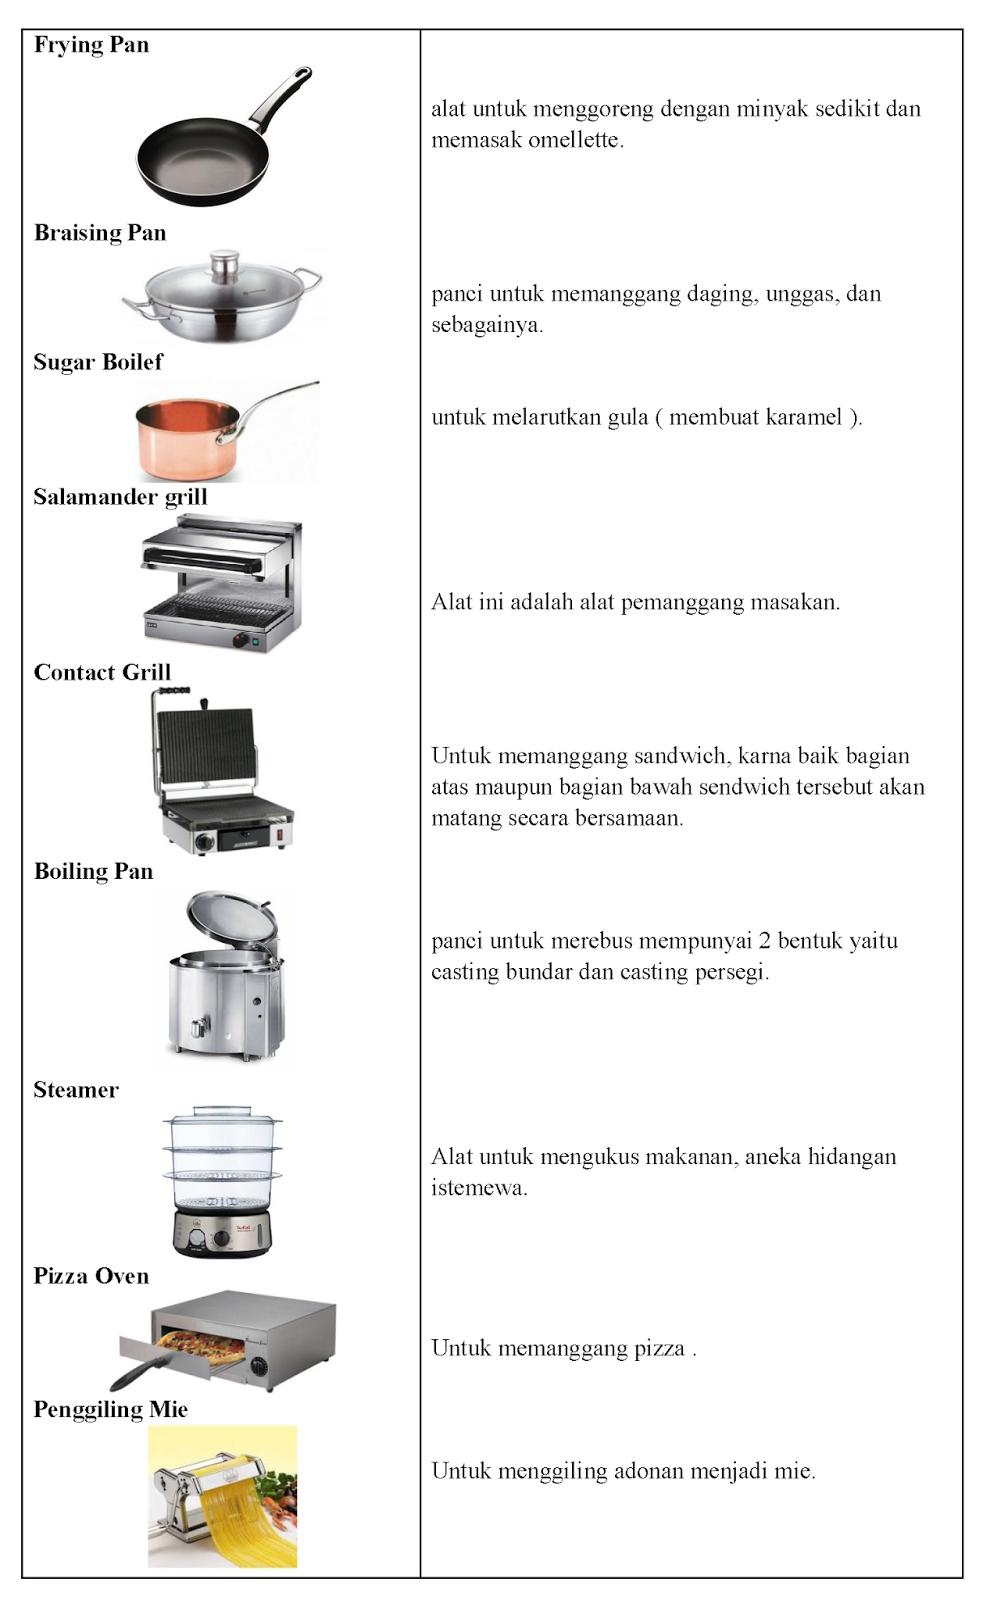 Benda Yang Ada Di Dapur Dalam Bahasa Inggris : benda, dapur, dalam, bahasa, inggris, Peralatan, Dapur, Dalam, Bahasa, Inggris, Gambarnya